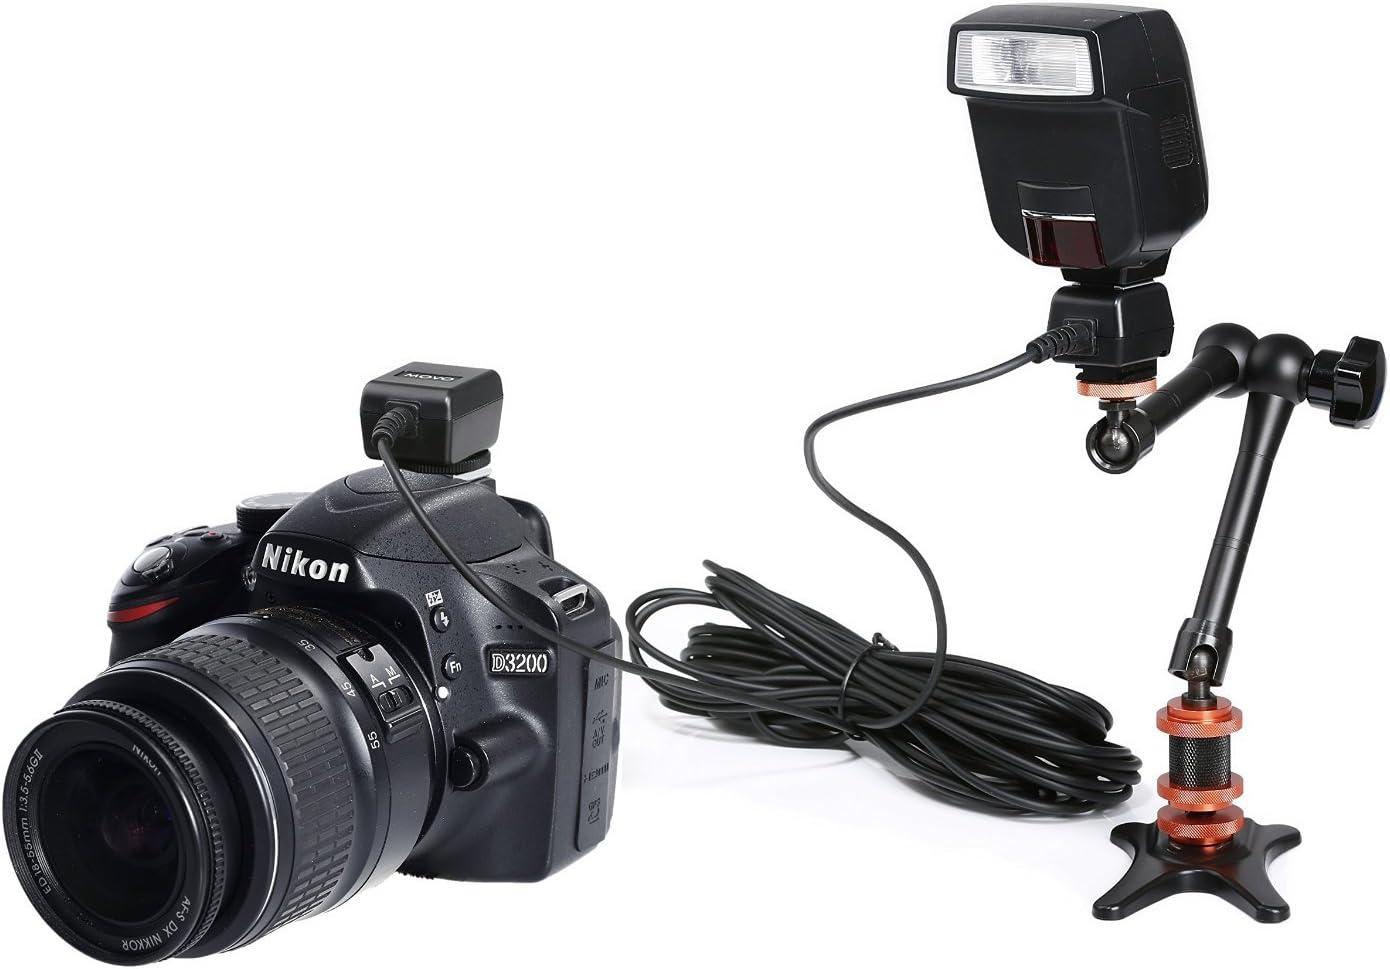 SB-910 SB-600 + Bonus Neat Strap Movo Photo FC50N 16-Foot 5m etc SC-28 Replacement SB-800 SB-700 SB-400 SB-900 Heavy-Duty TTL Off-Camera Flash Shoe Cord for Nikon SB-300